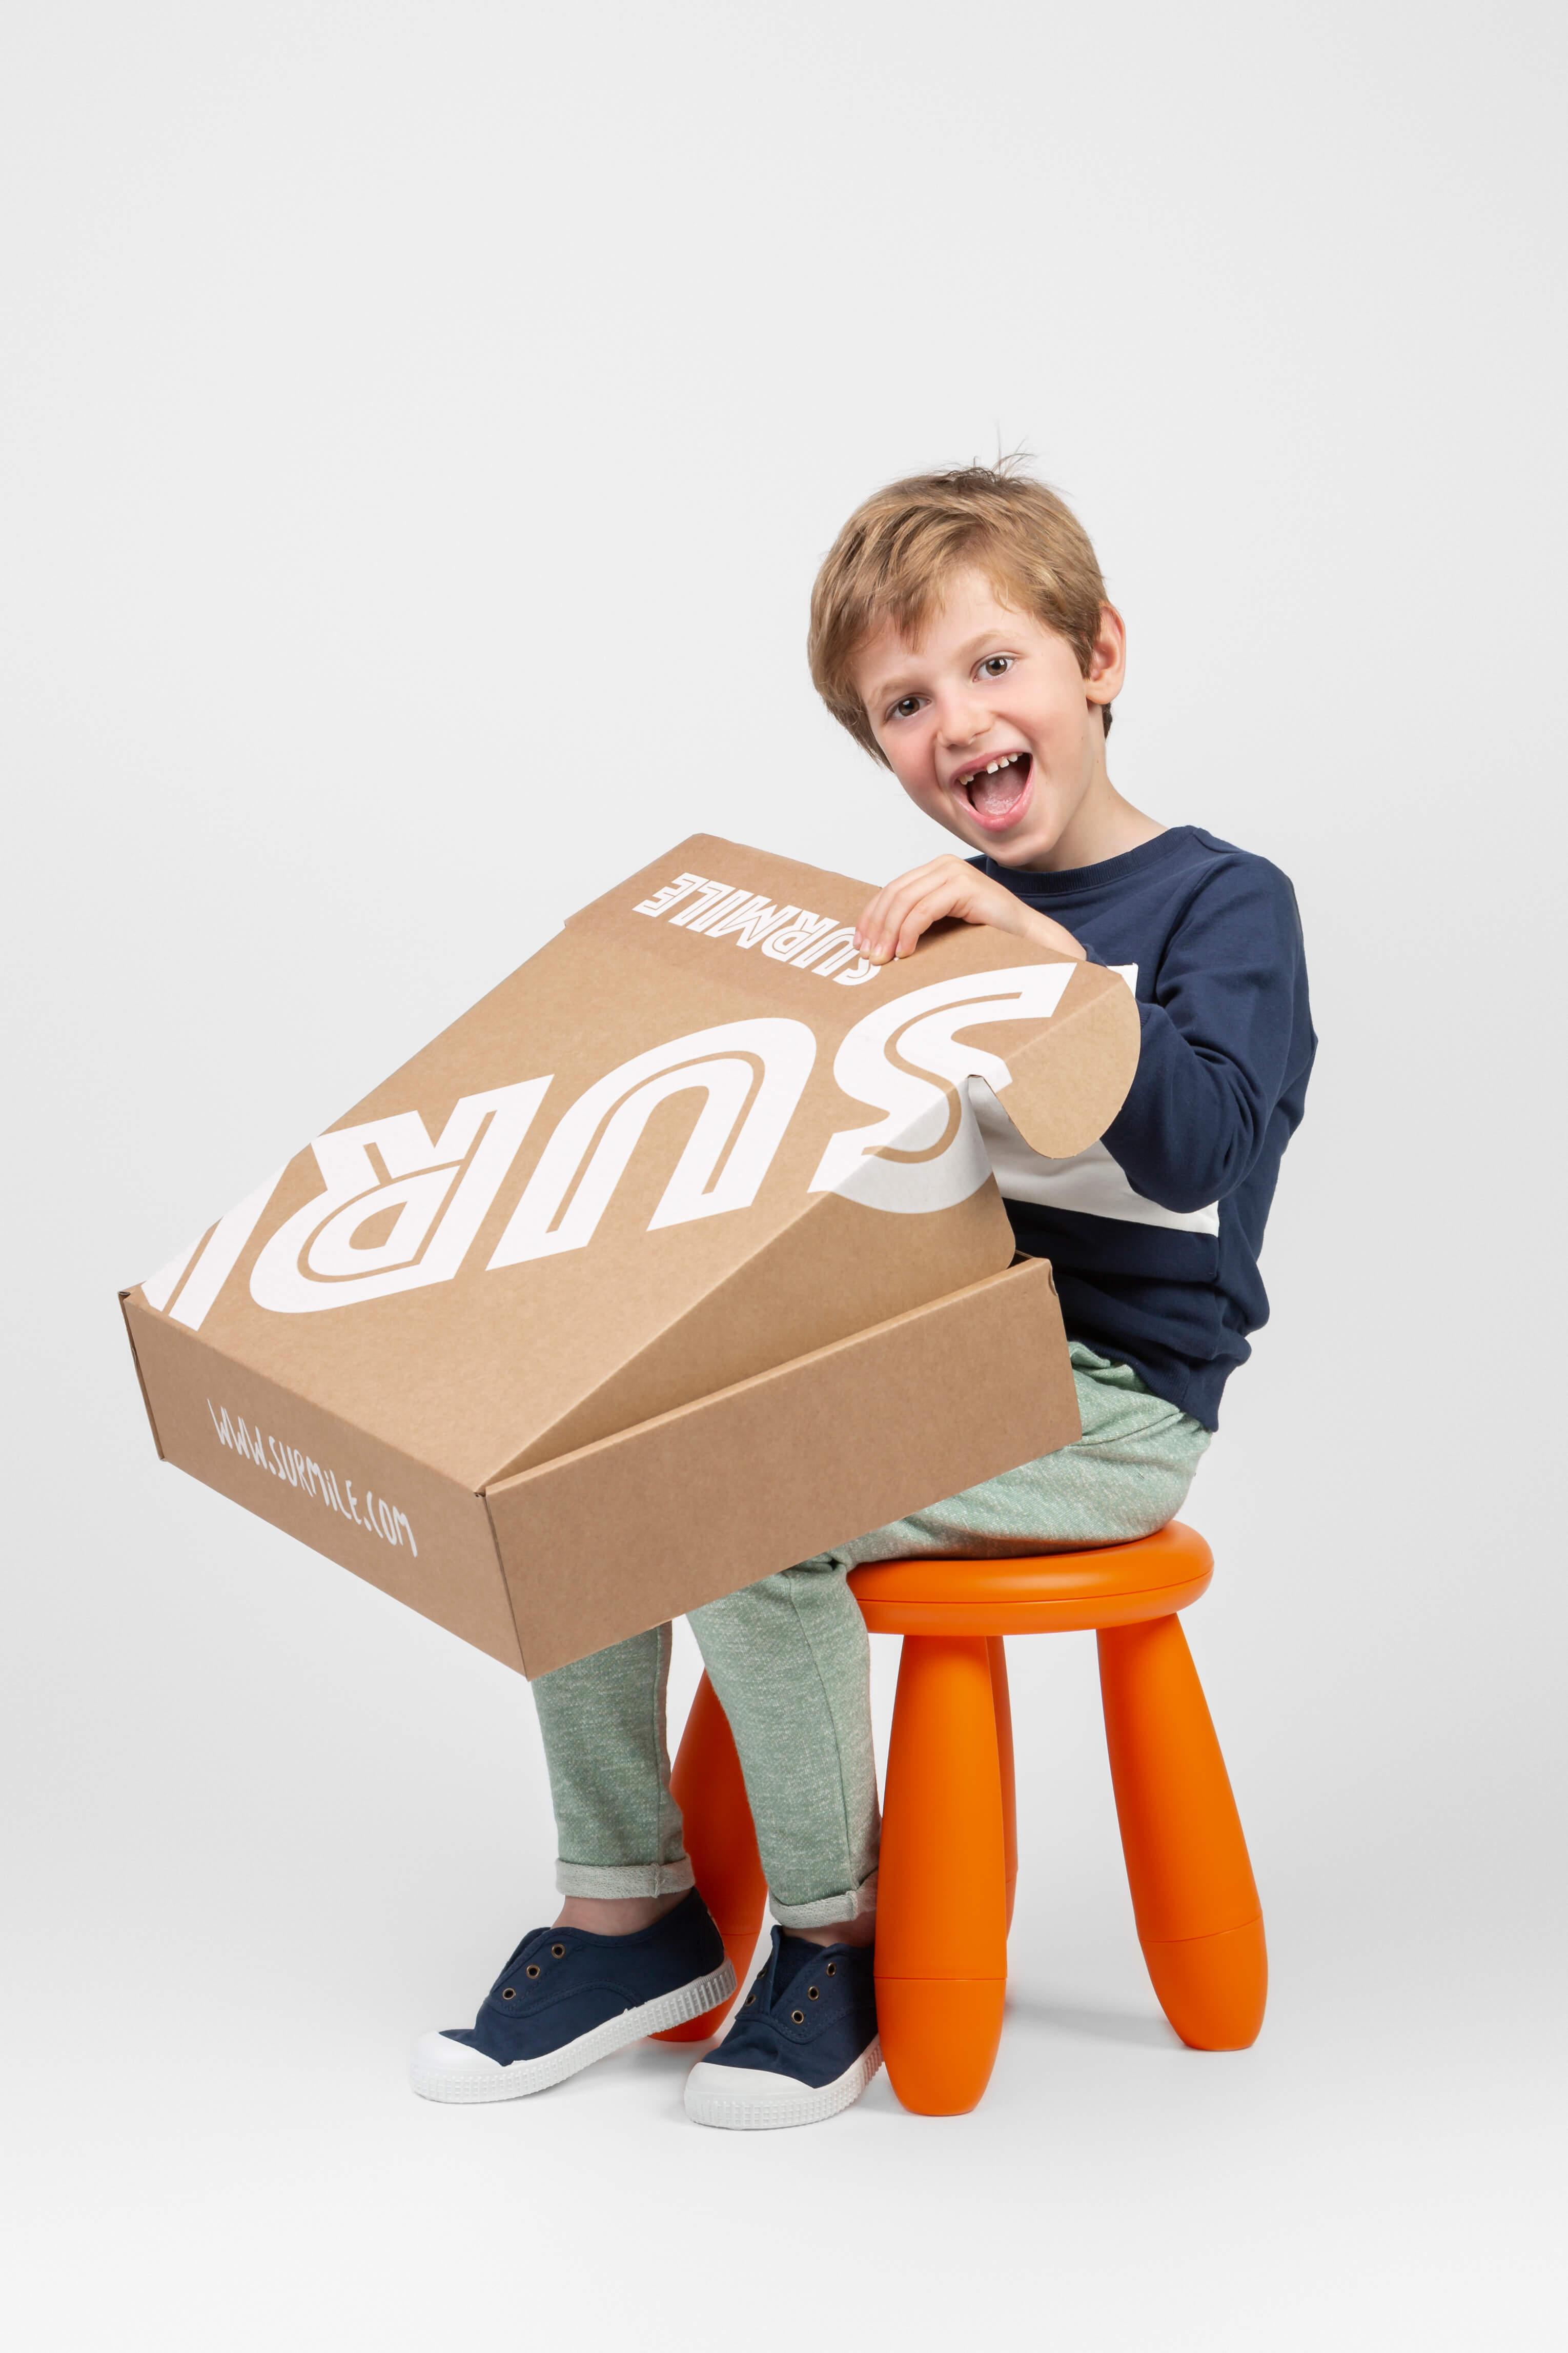 un niño muy feliz sostiene una caja de Surmile